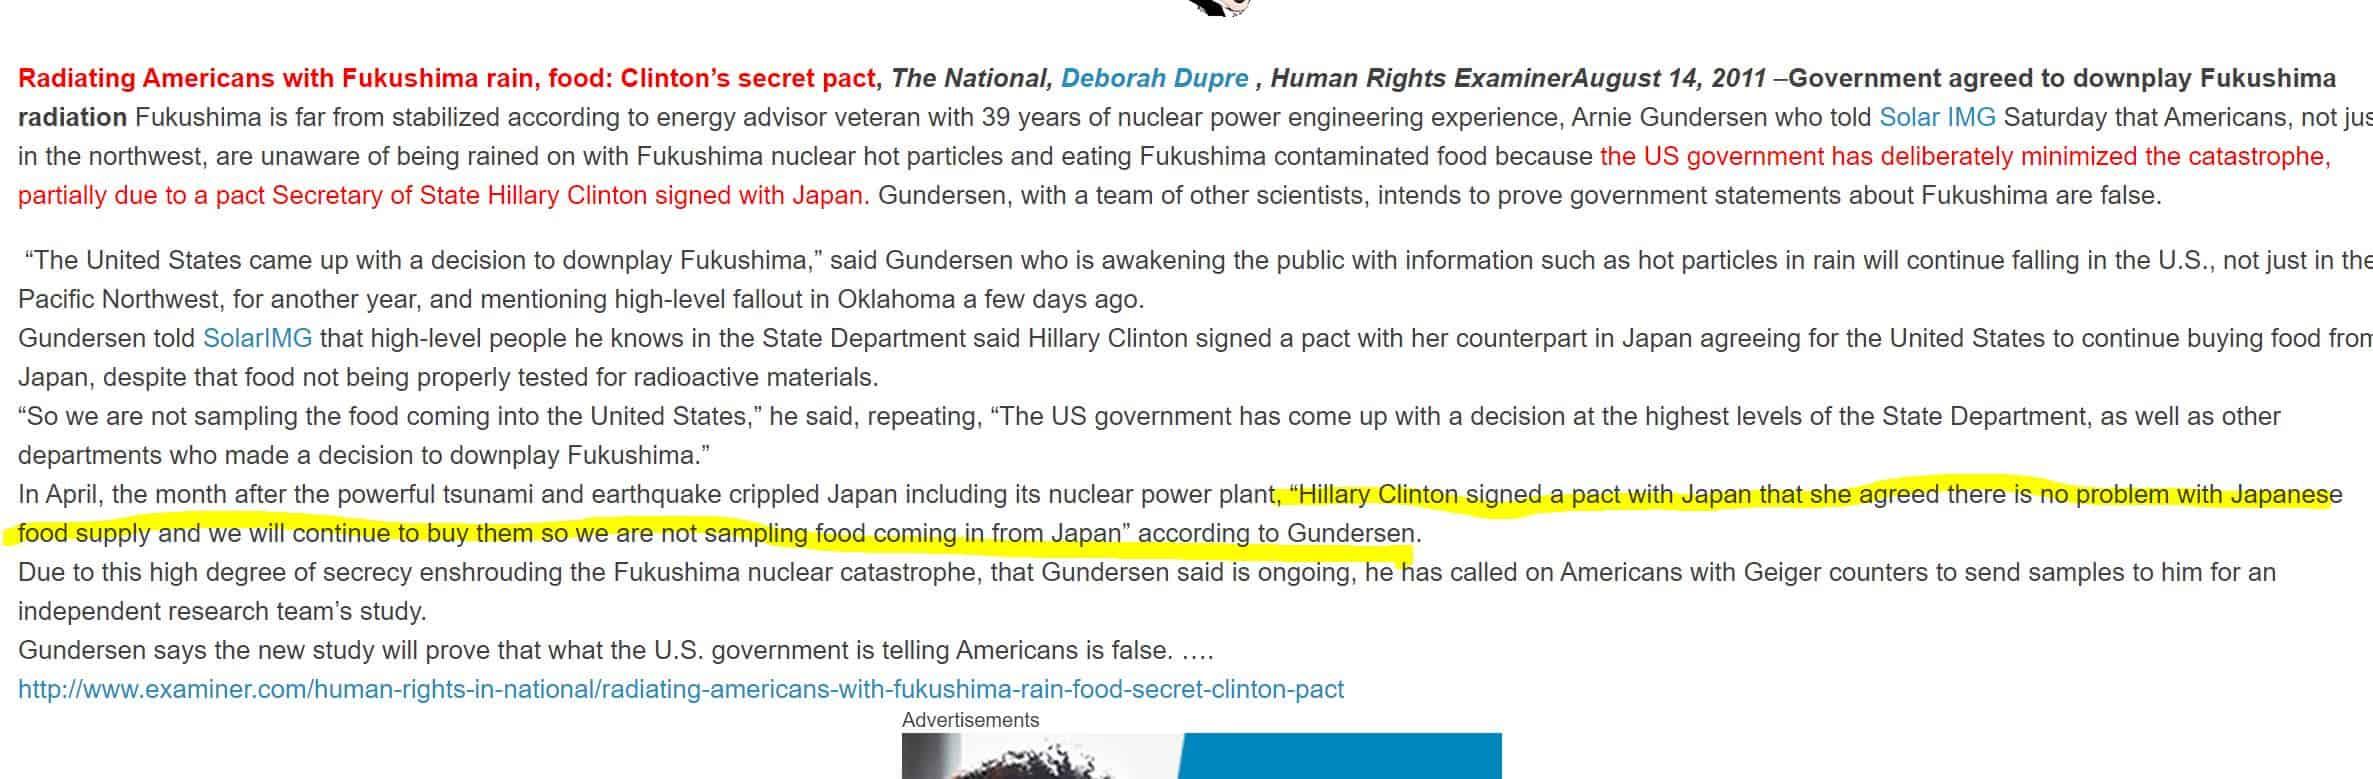 Hillary FUkushima Food Pack